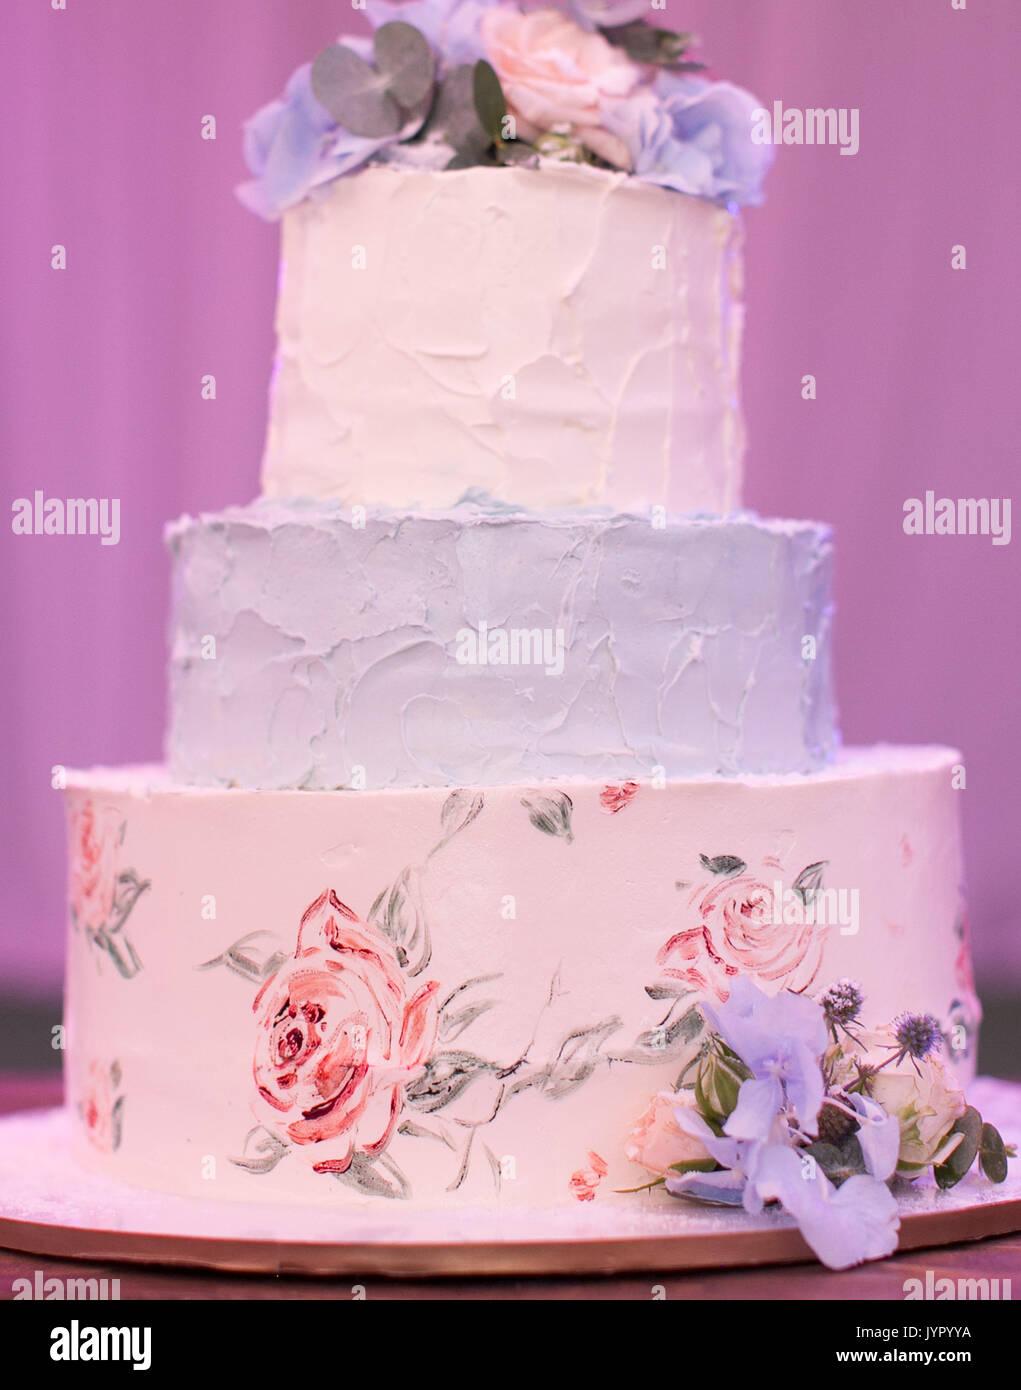 Three Tier Cake Stock Photos & Three Tier Cake Stock Images - Alamy